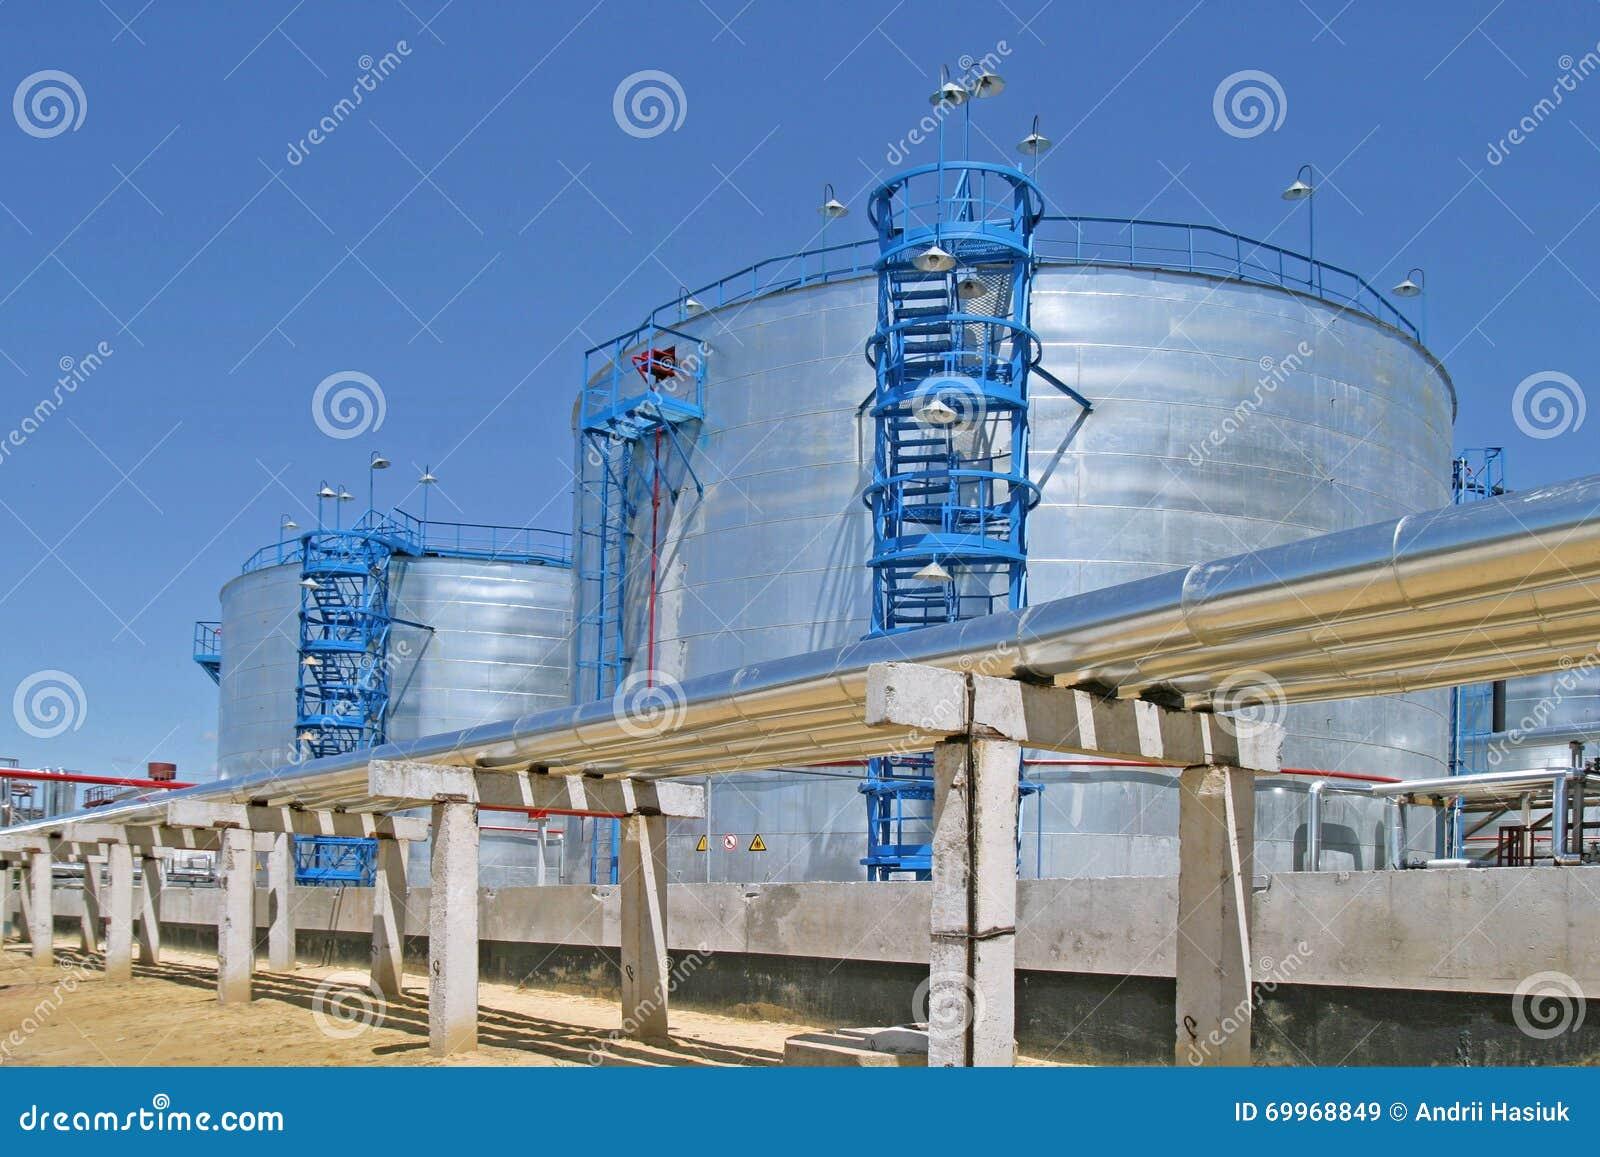 Εργοστάσιο επεξεργασίας πετρελαίου